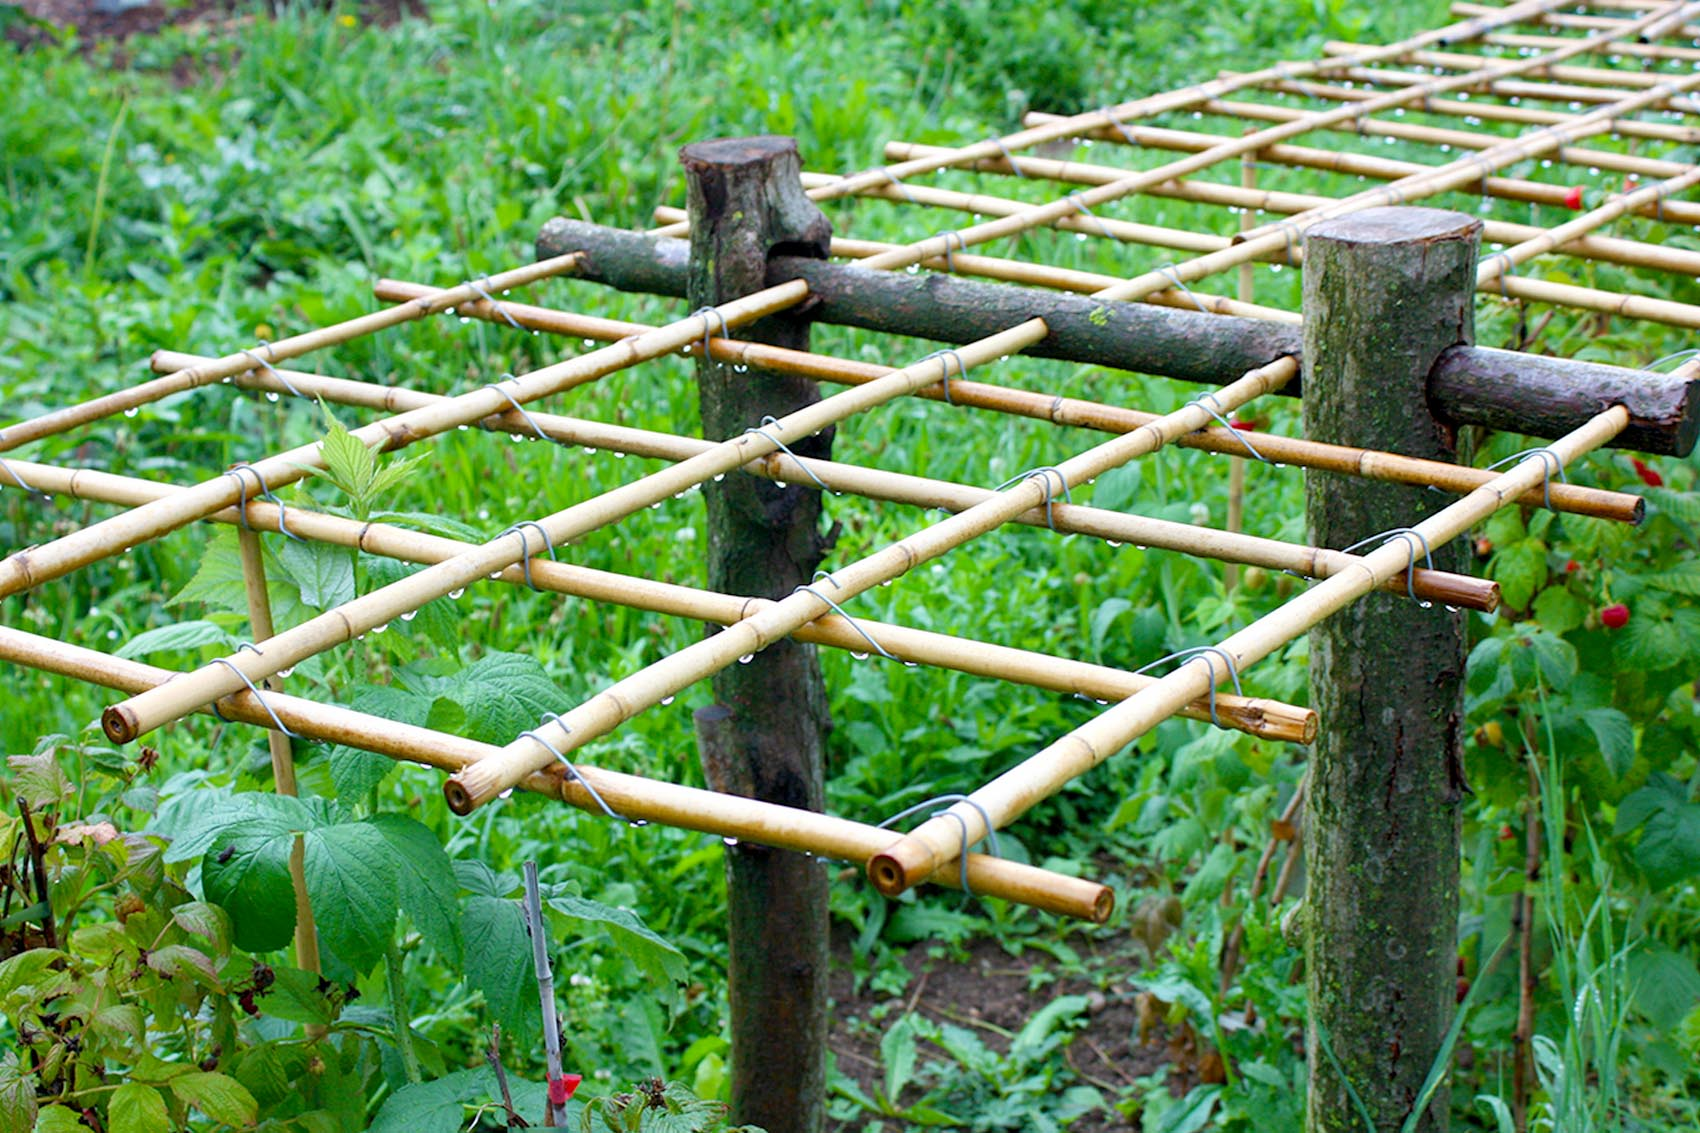 Geliebte Himbeeren im Garten oder auf dem Balkon | Native Plants #KK_38